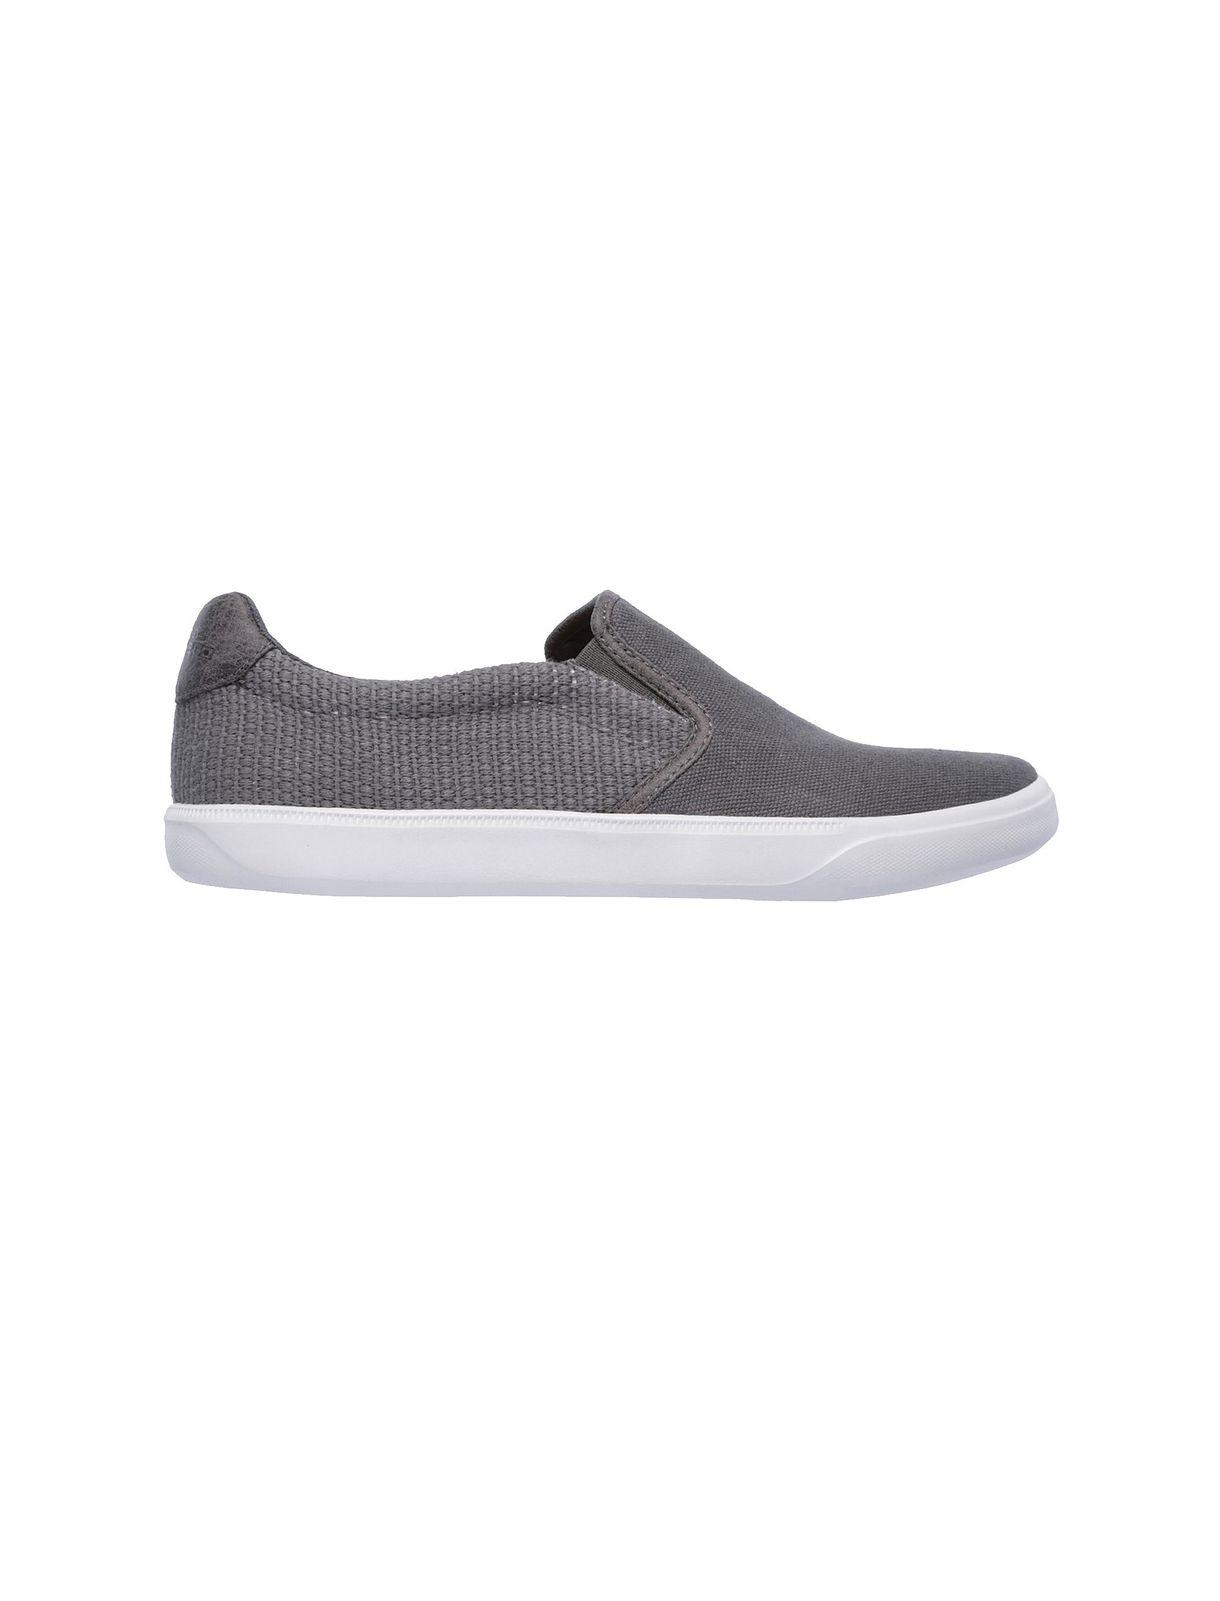 کتانی تخت پارچه ای زنانه GOvulc 2 Freespirit – اسکچرز  Women Flat Textile Sneakers GOvulc 2 Freesp